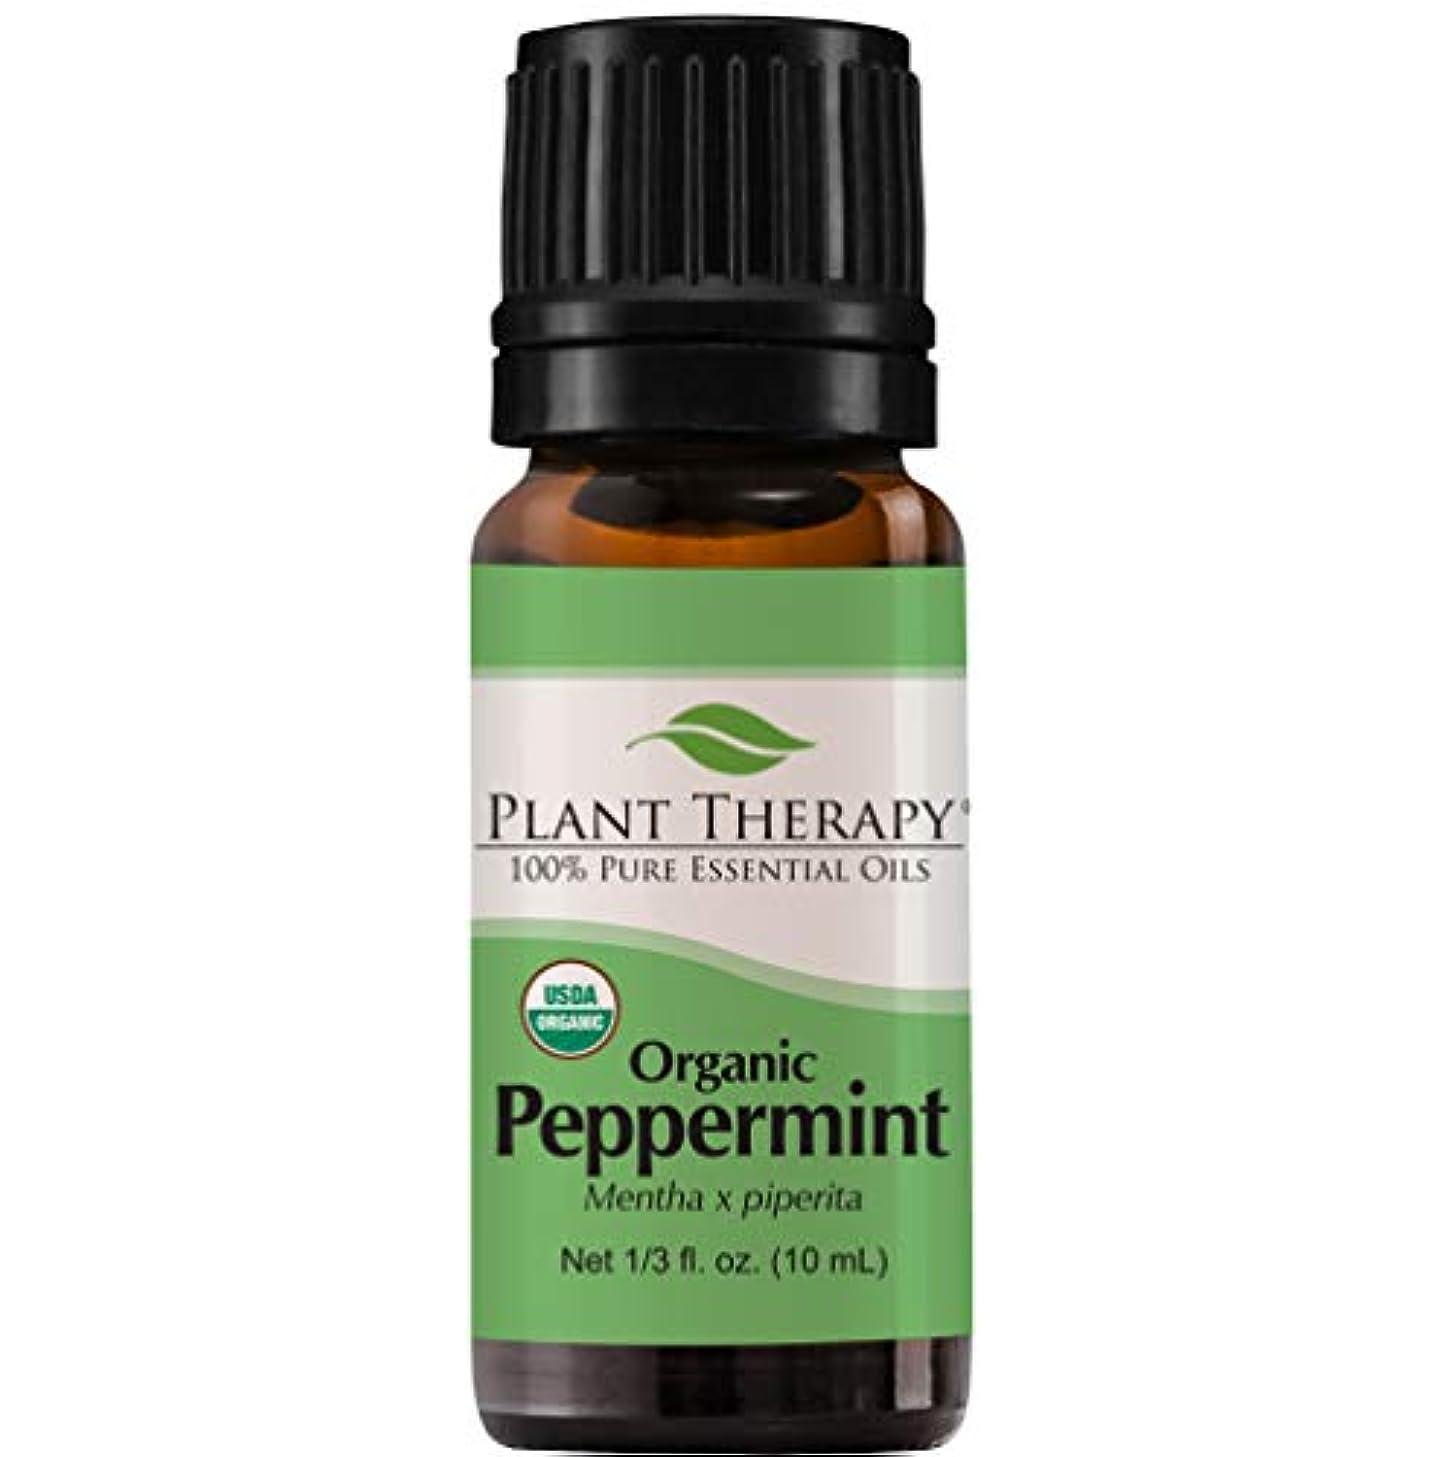 道徳の不良系譜Plant Therapy Essential Oils (プラントセラピー エッセンシャルオイル) オーガニック ペパーミント エッセンシャルオイル